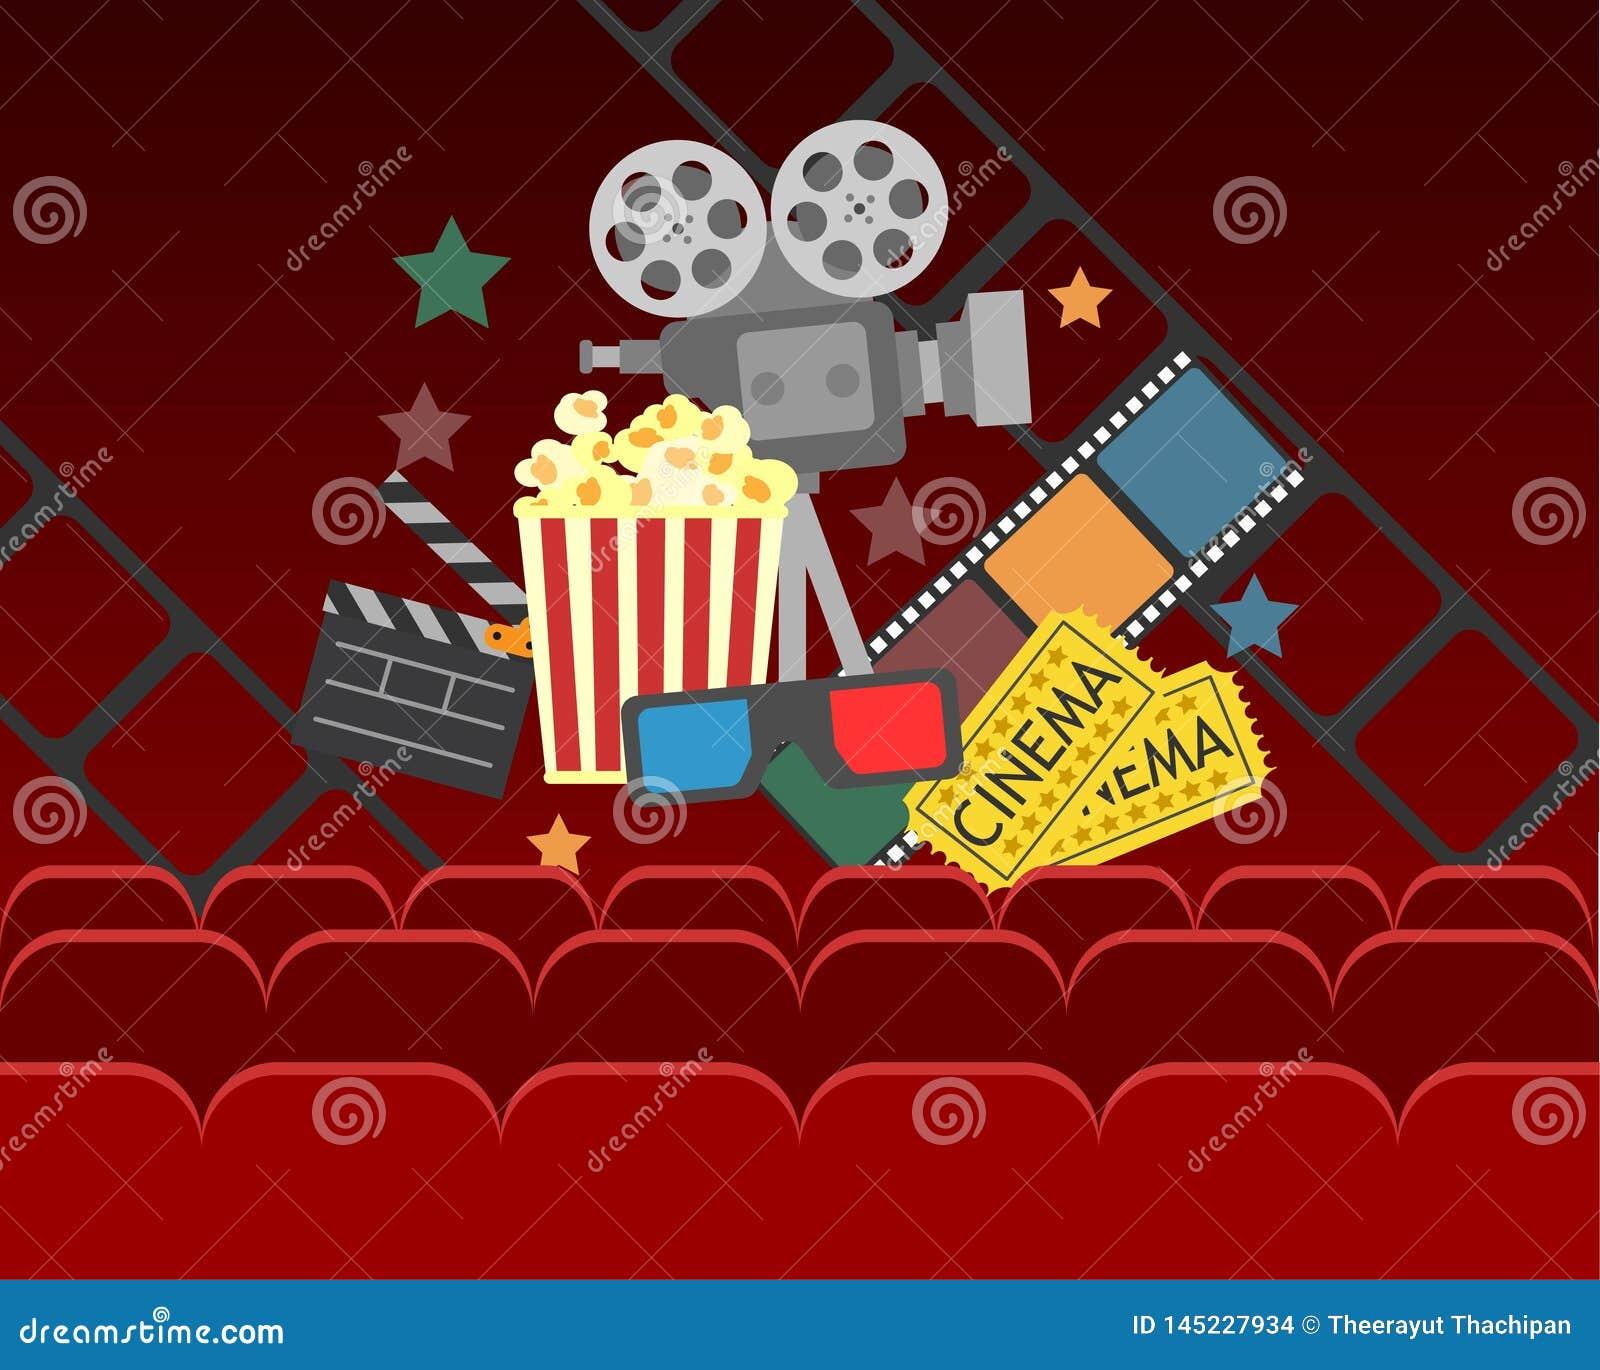 Projeto do cartaz do cinema do filme bandeira do vetor para a mostra com cortinas, assentos, pipoca, bilhetes